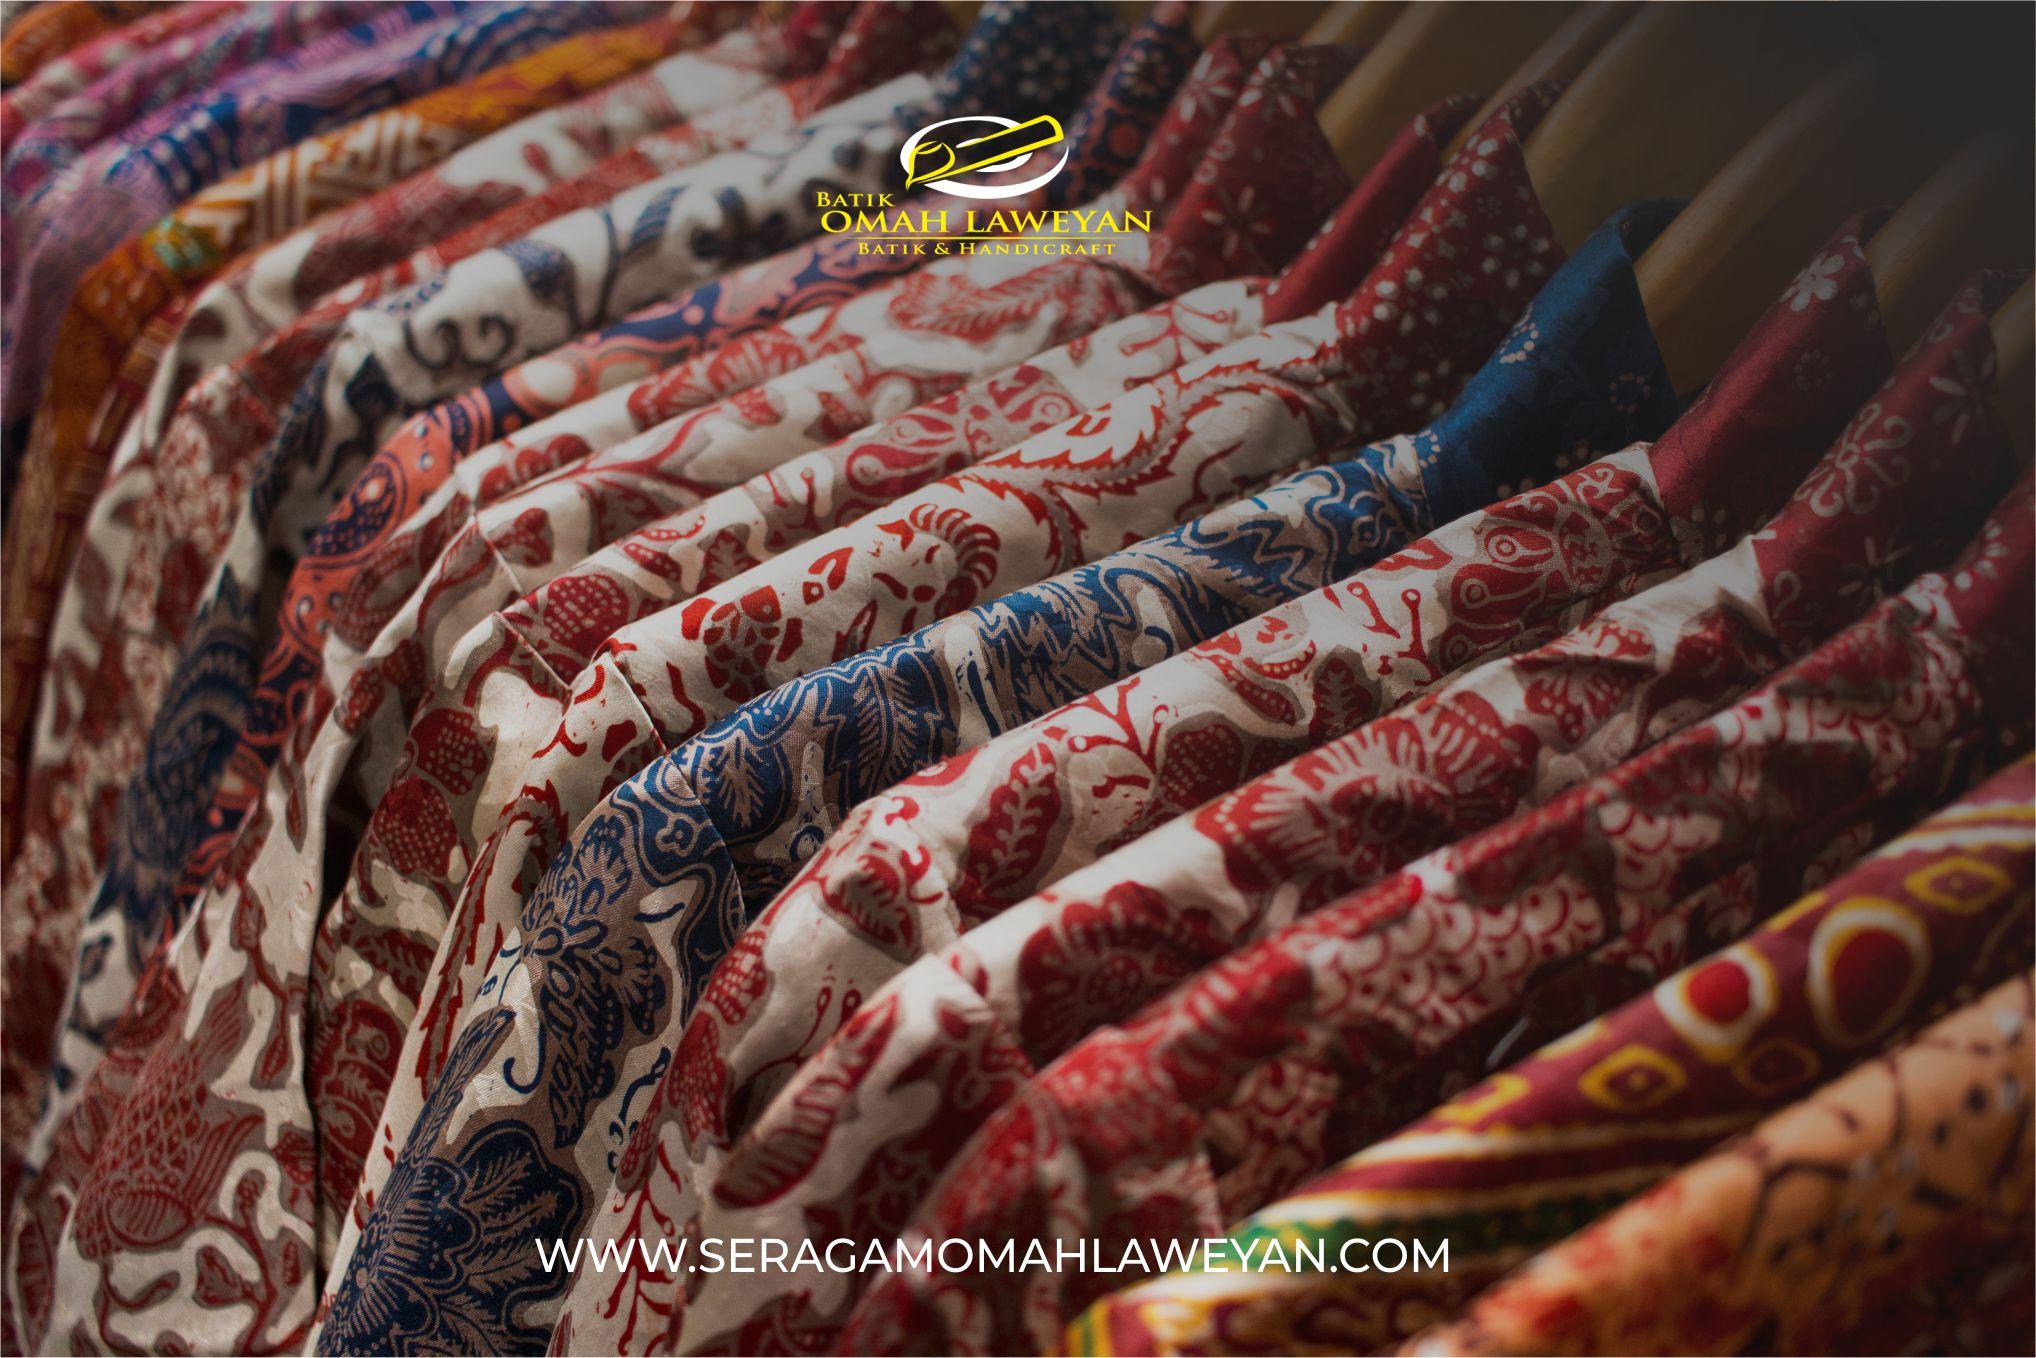 Manfaat Seragam Batik